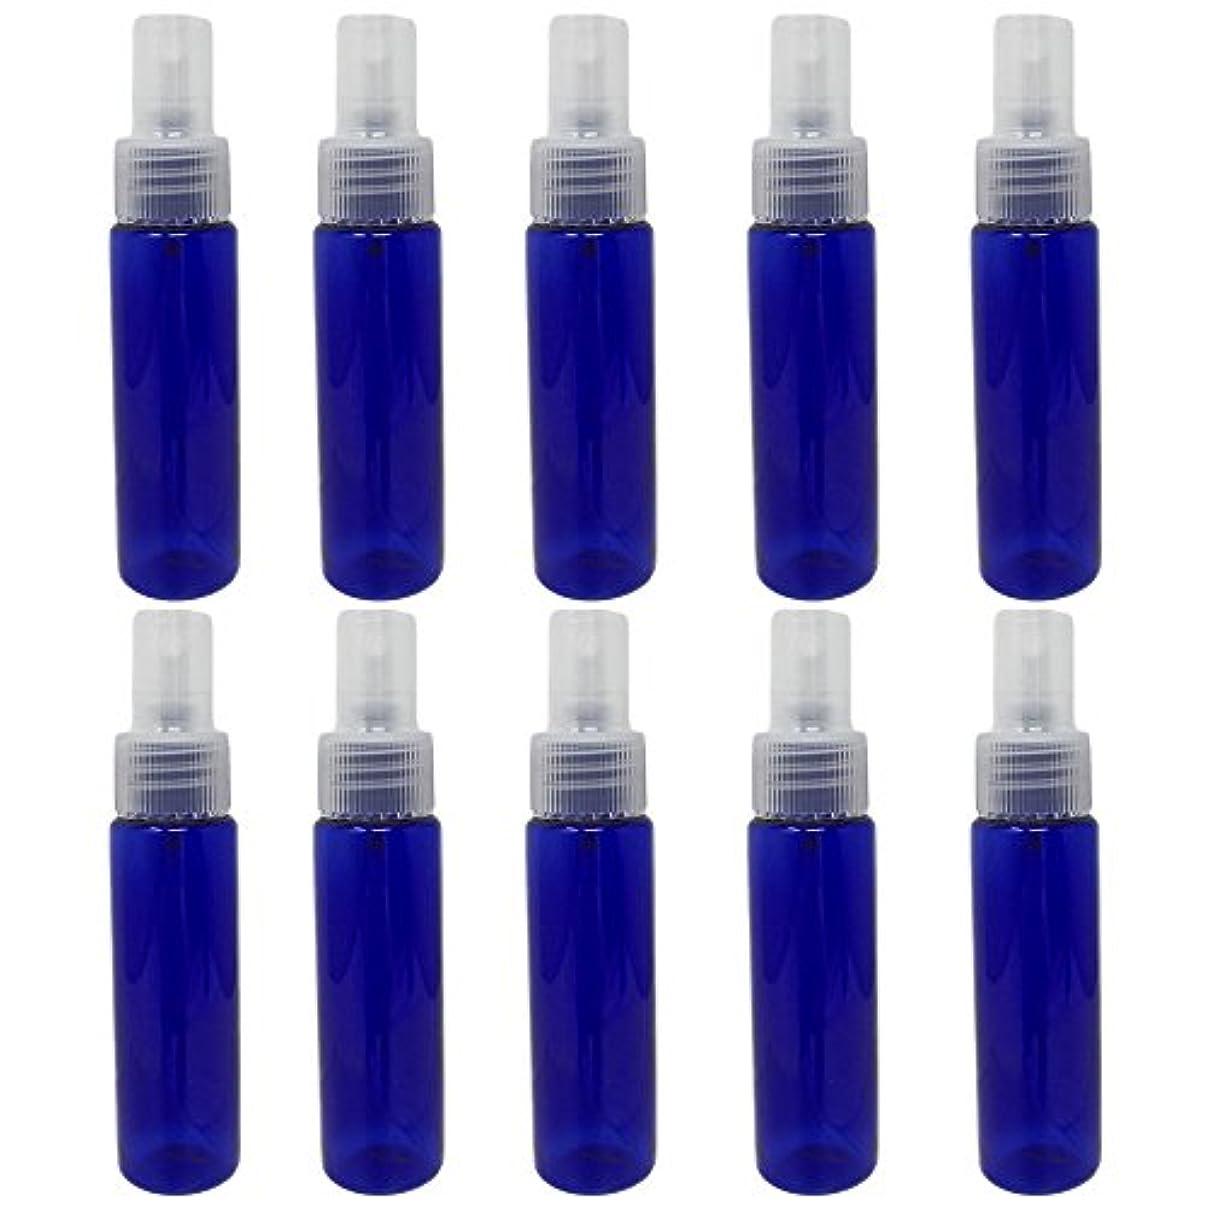 活性化動的分[pkpohs] スプレーボトル 霧吹き スプレー 小分け ボトル 保存容器 化粧水 コスメ 携帯用 (30ml/10本)